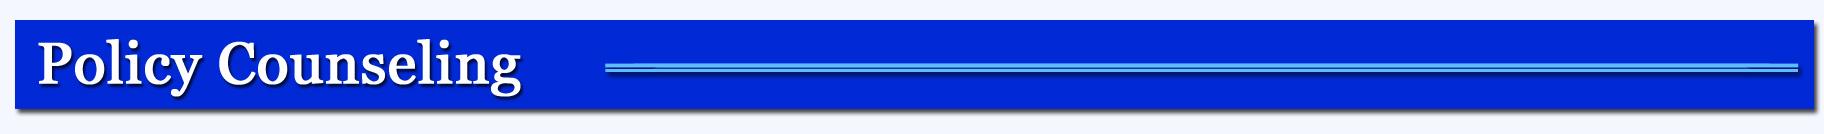 blue pol couns.jpg